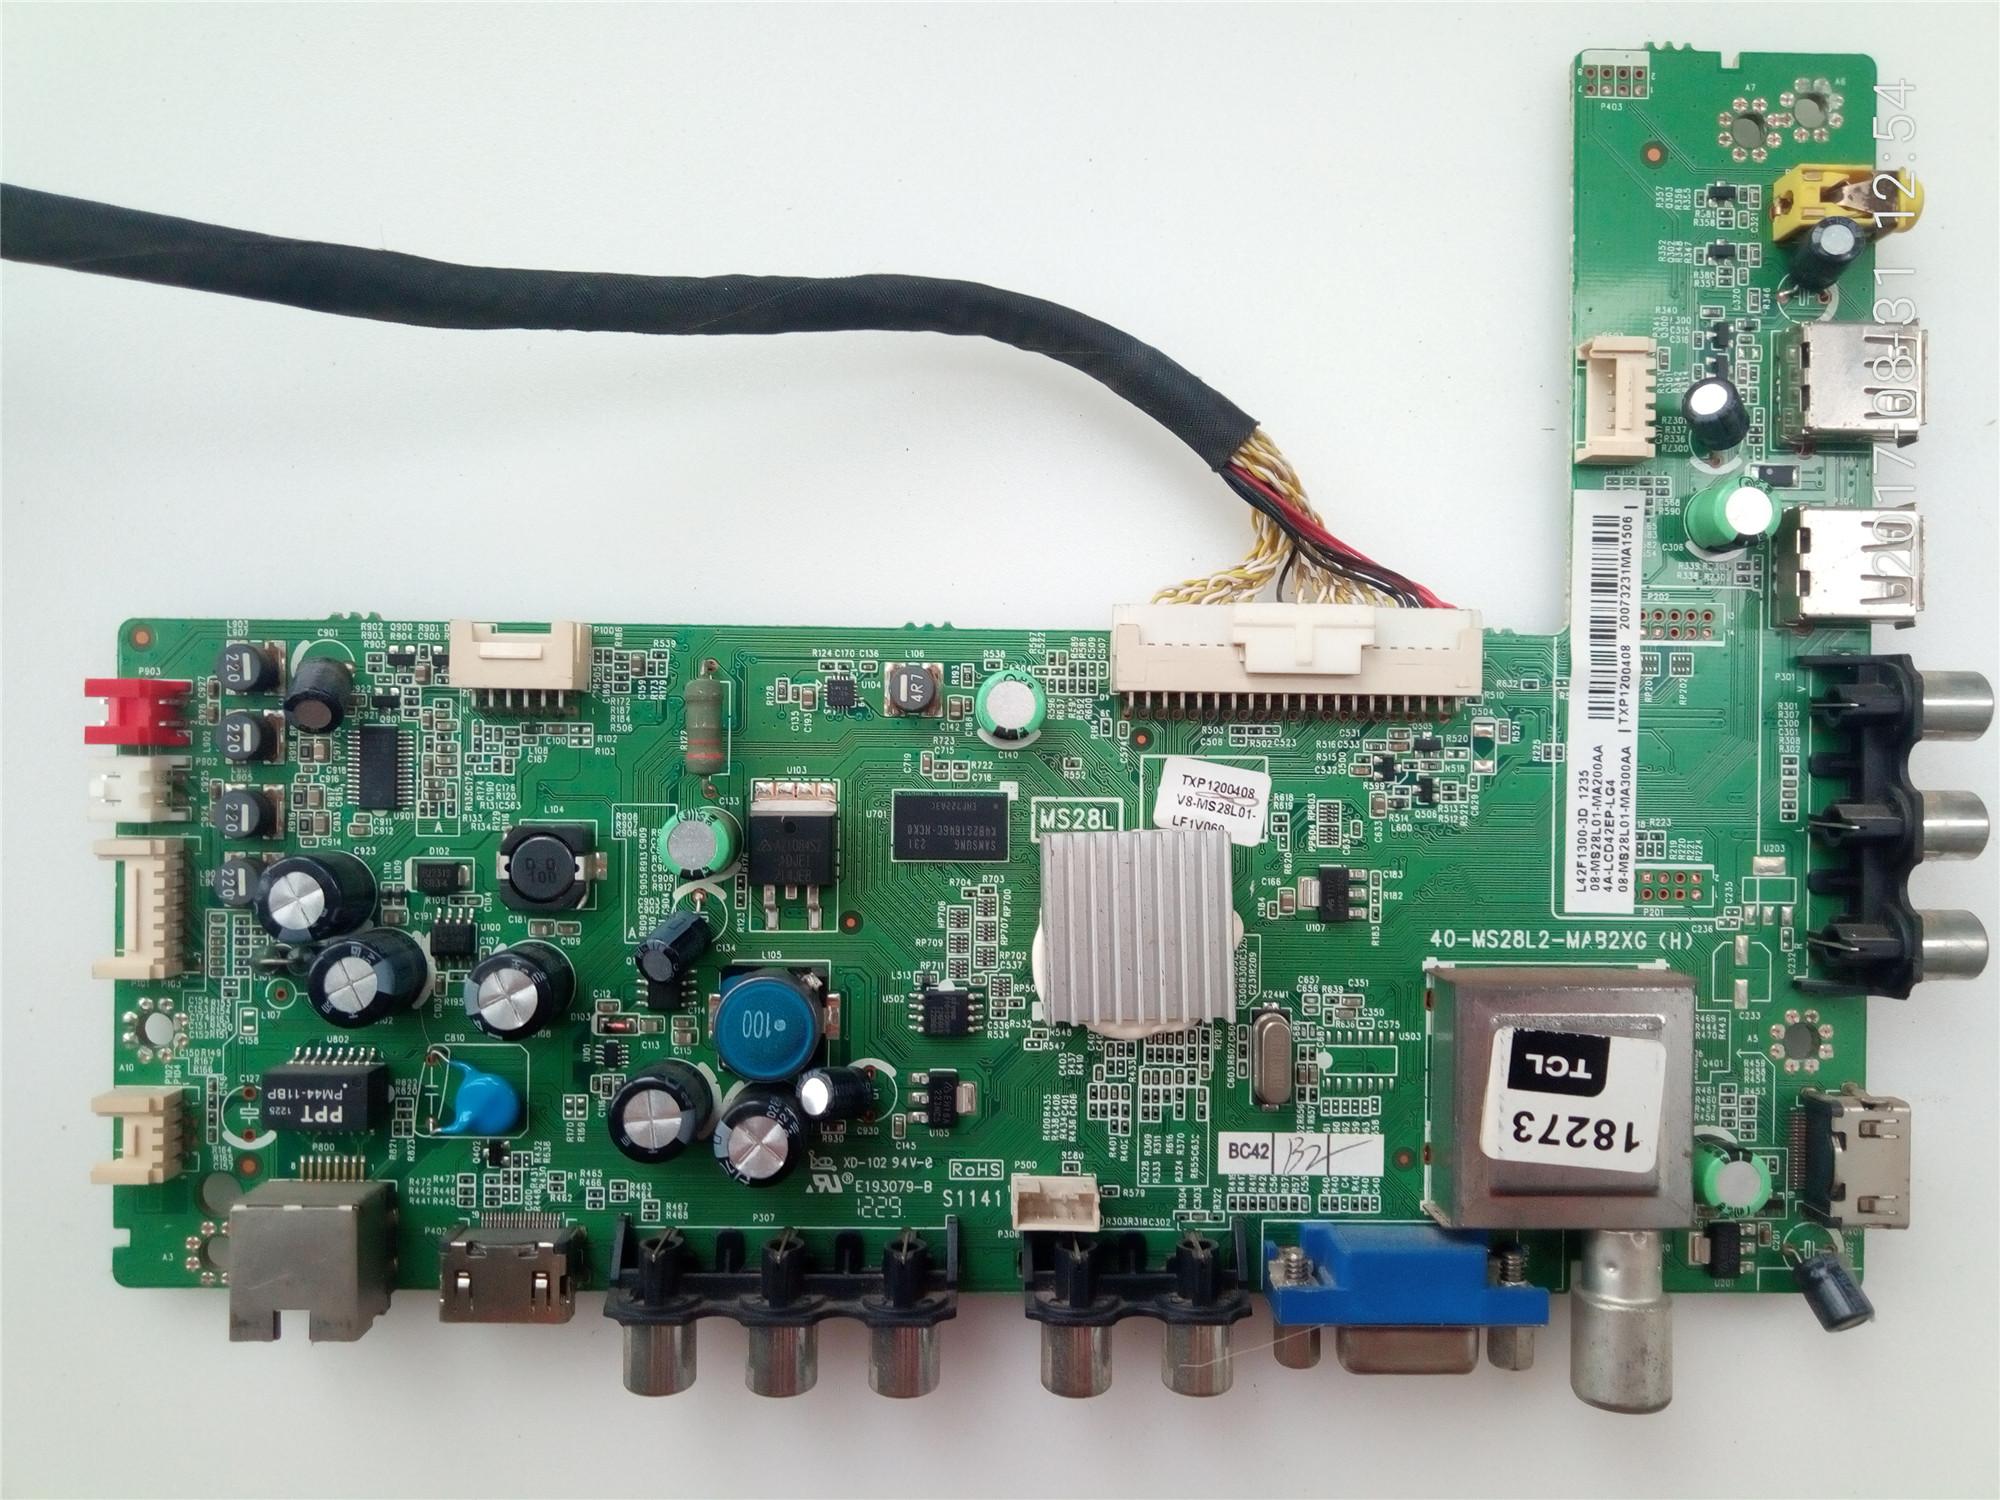 TCLl42f1300-3d42 - Zoll - LCD - TV die hintergrundbeleuchtung hochspannungs - stromnetz - Aufsichtsrat